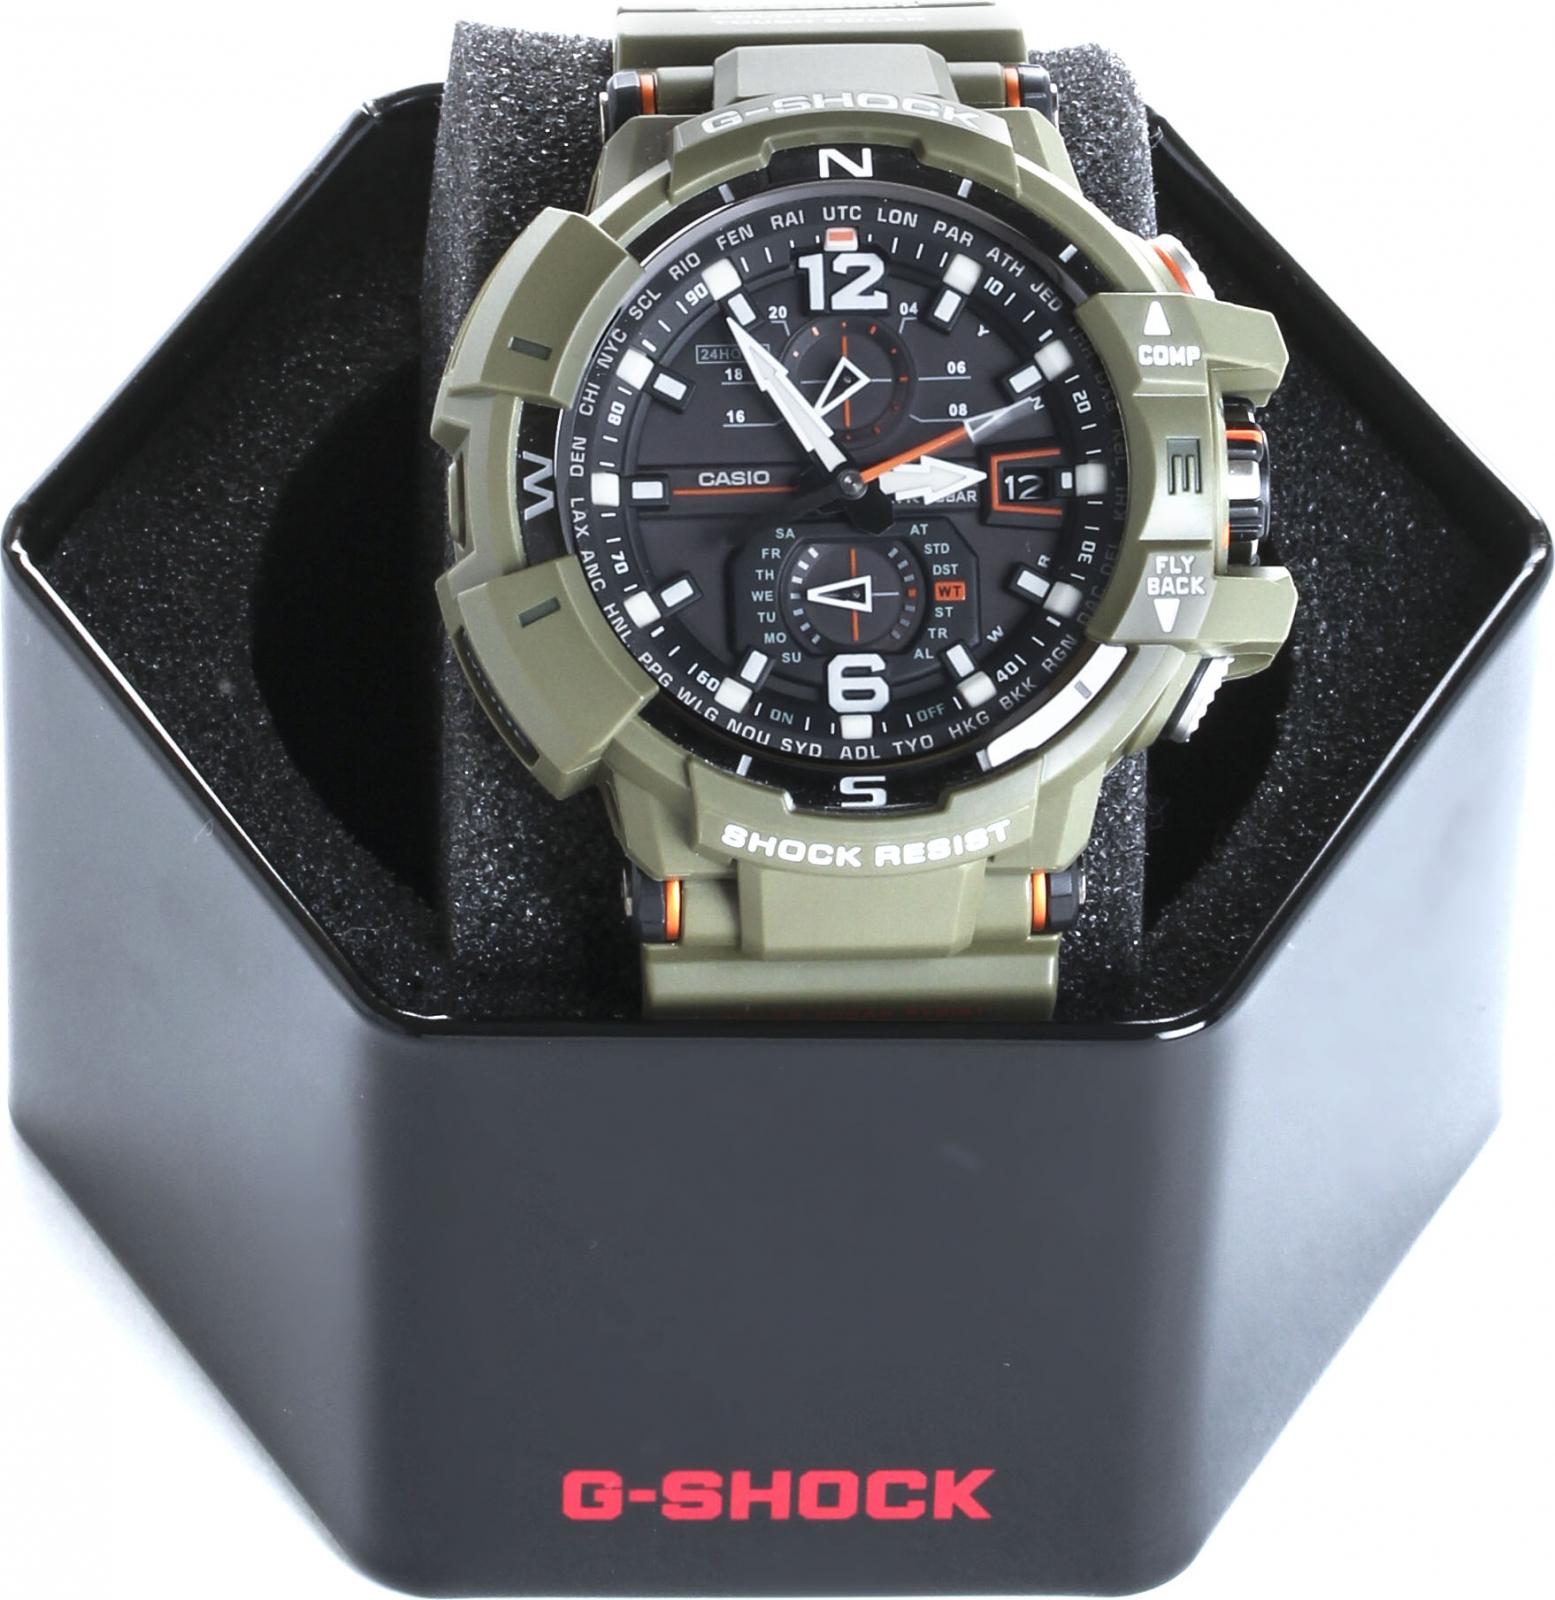 G-SHOCK   Casio G-shock Gravitymaster GW-A1100KH-3A   Clouty